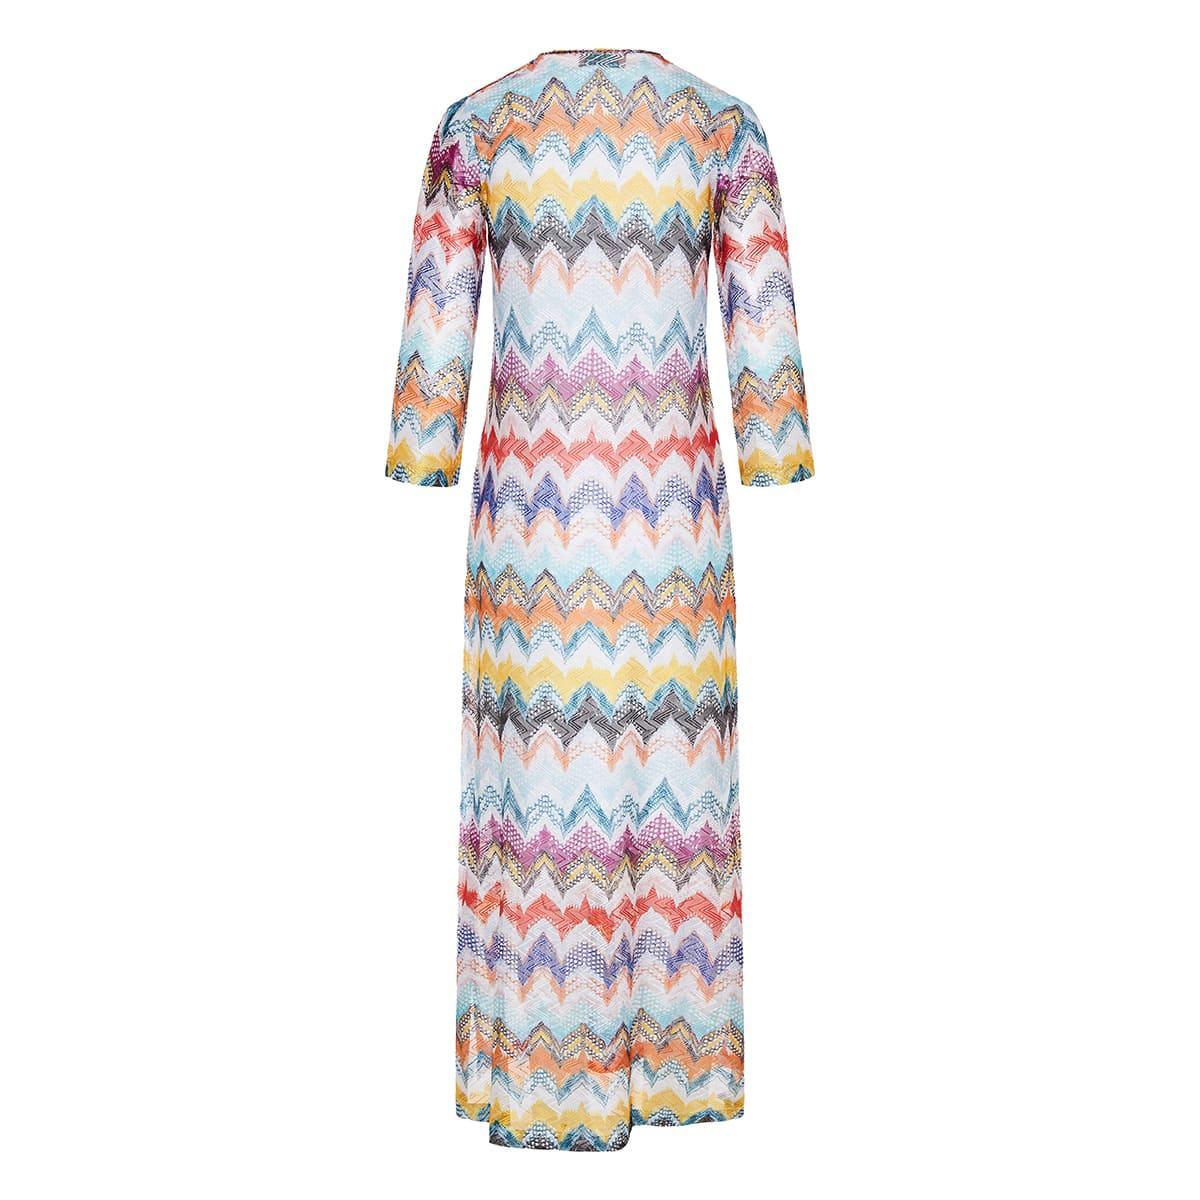 Chevron-knit long dress